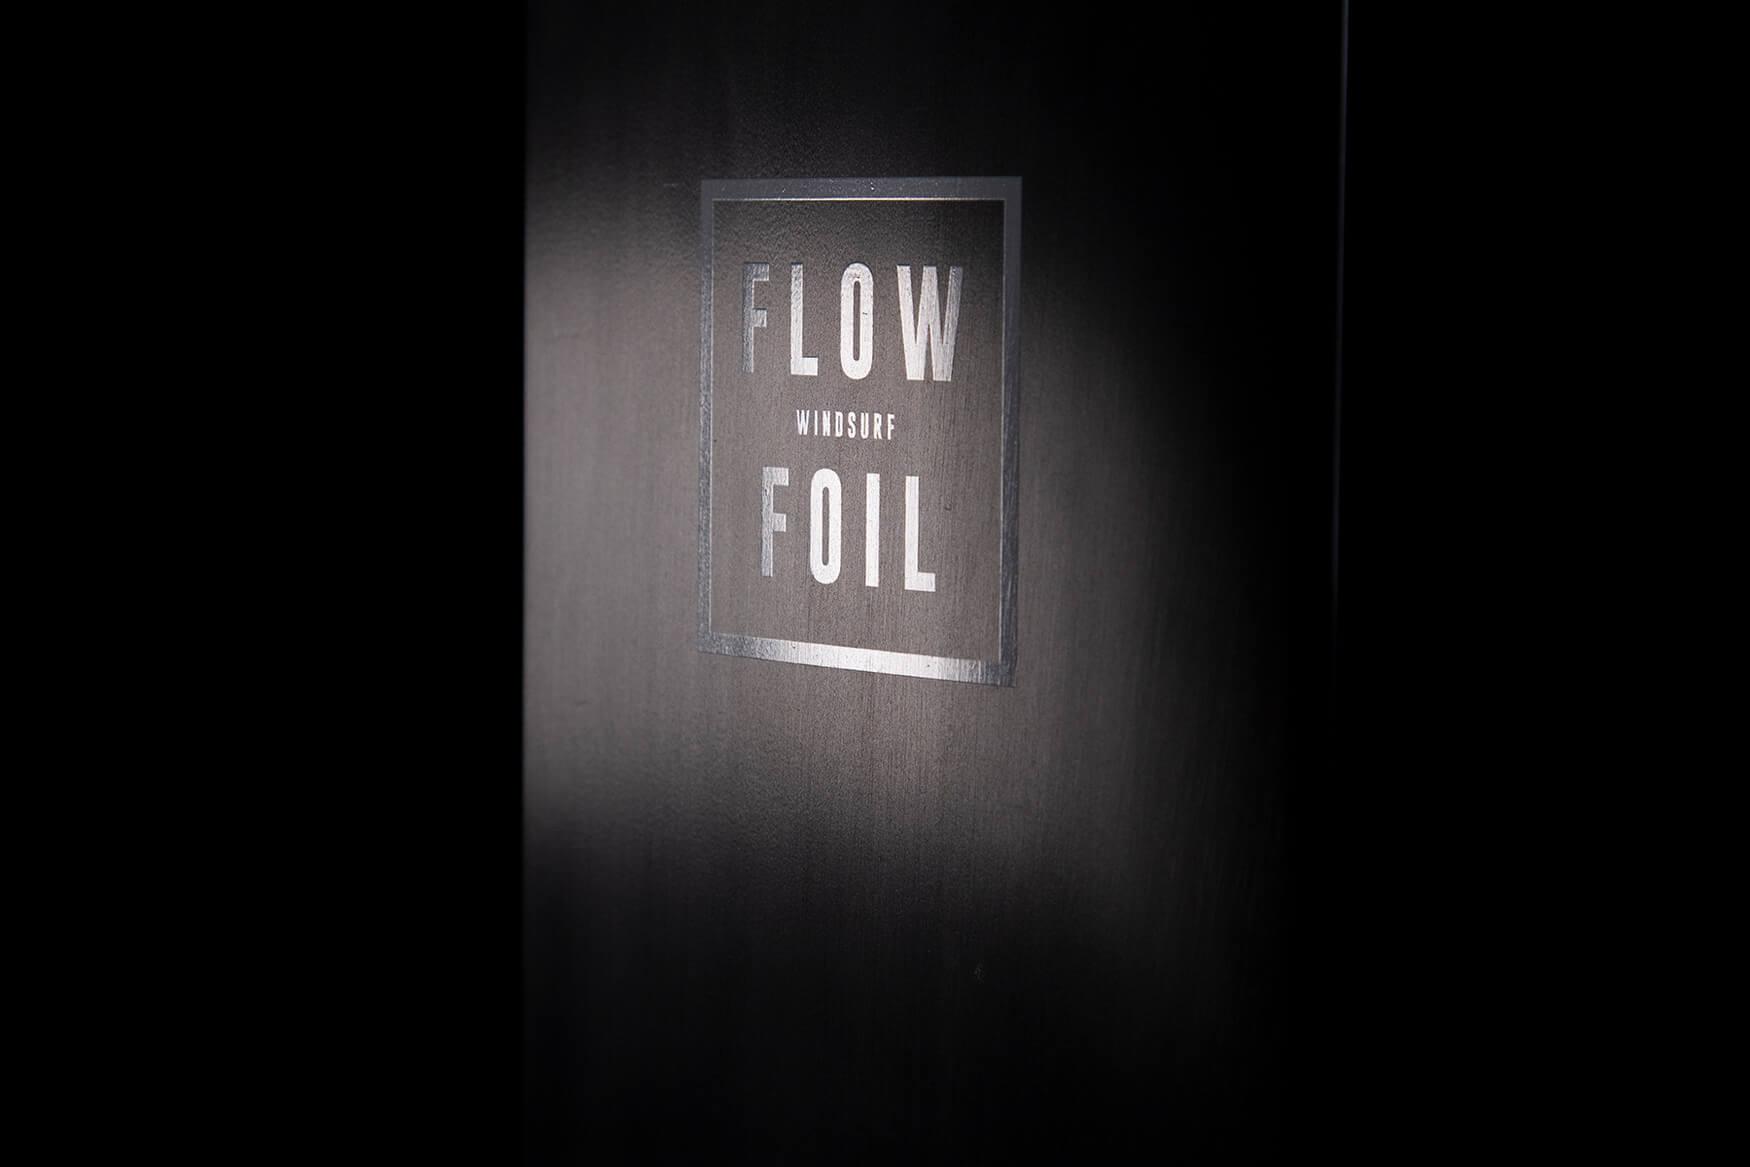 Flow Foil 1250